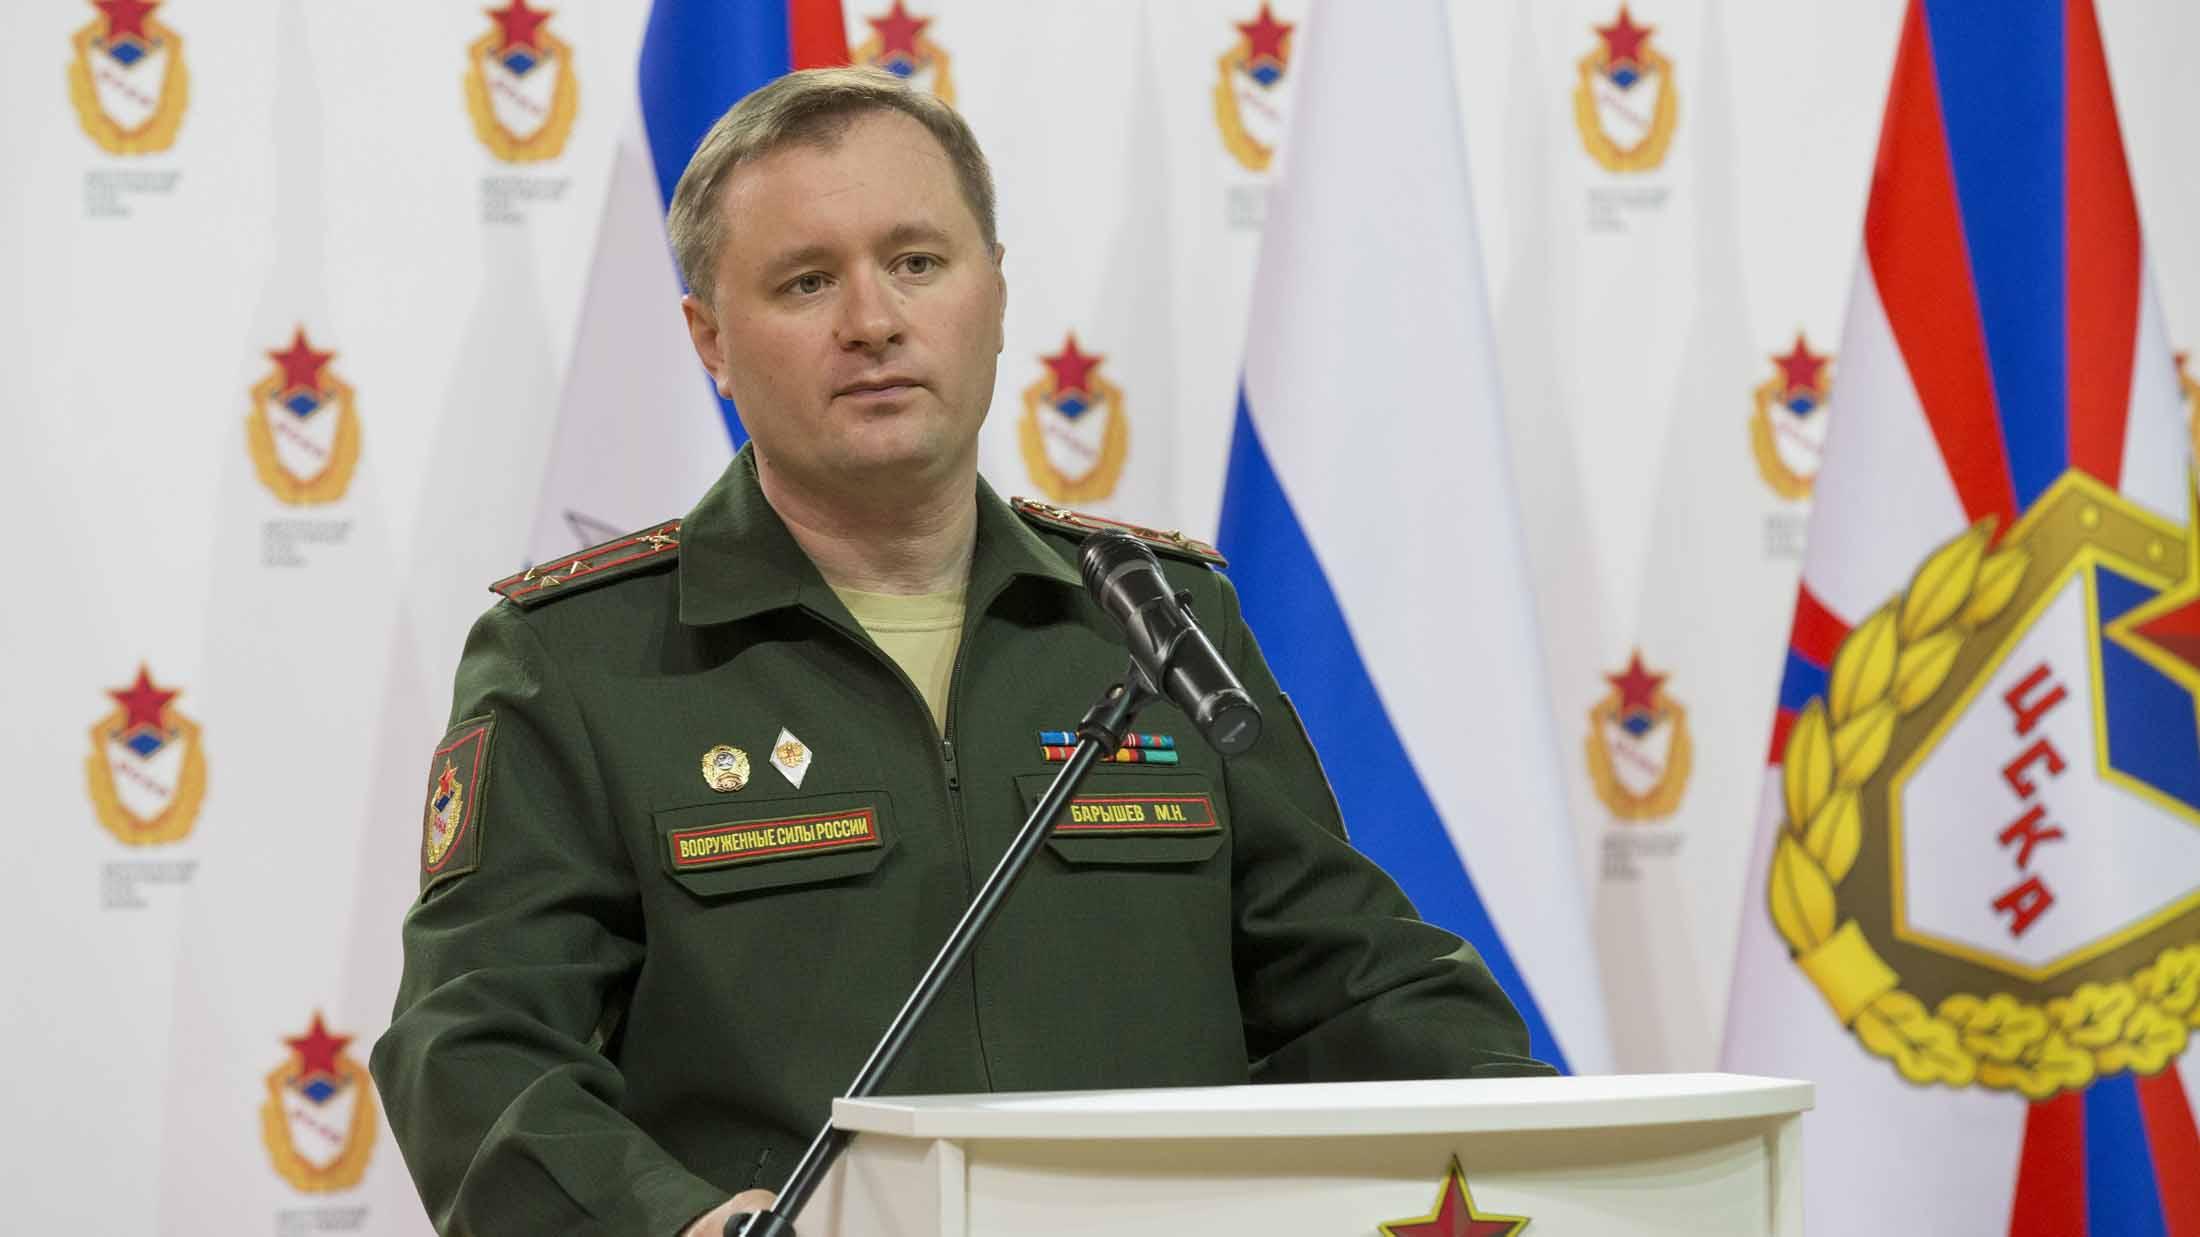 Le colonel Mikhail Baryshev à la tête du CSKA Ⓒ cska.ru